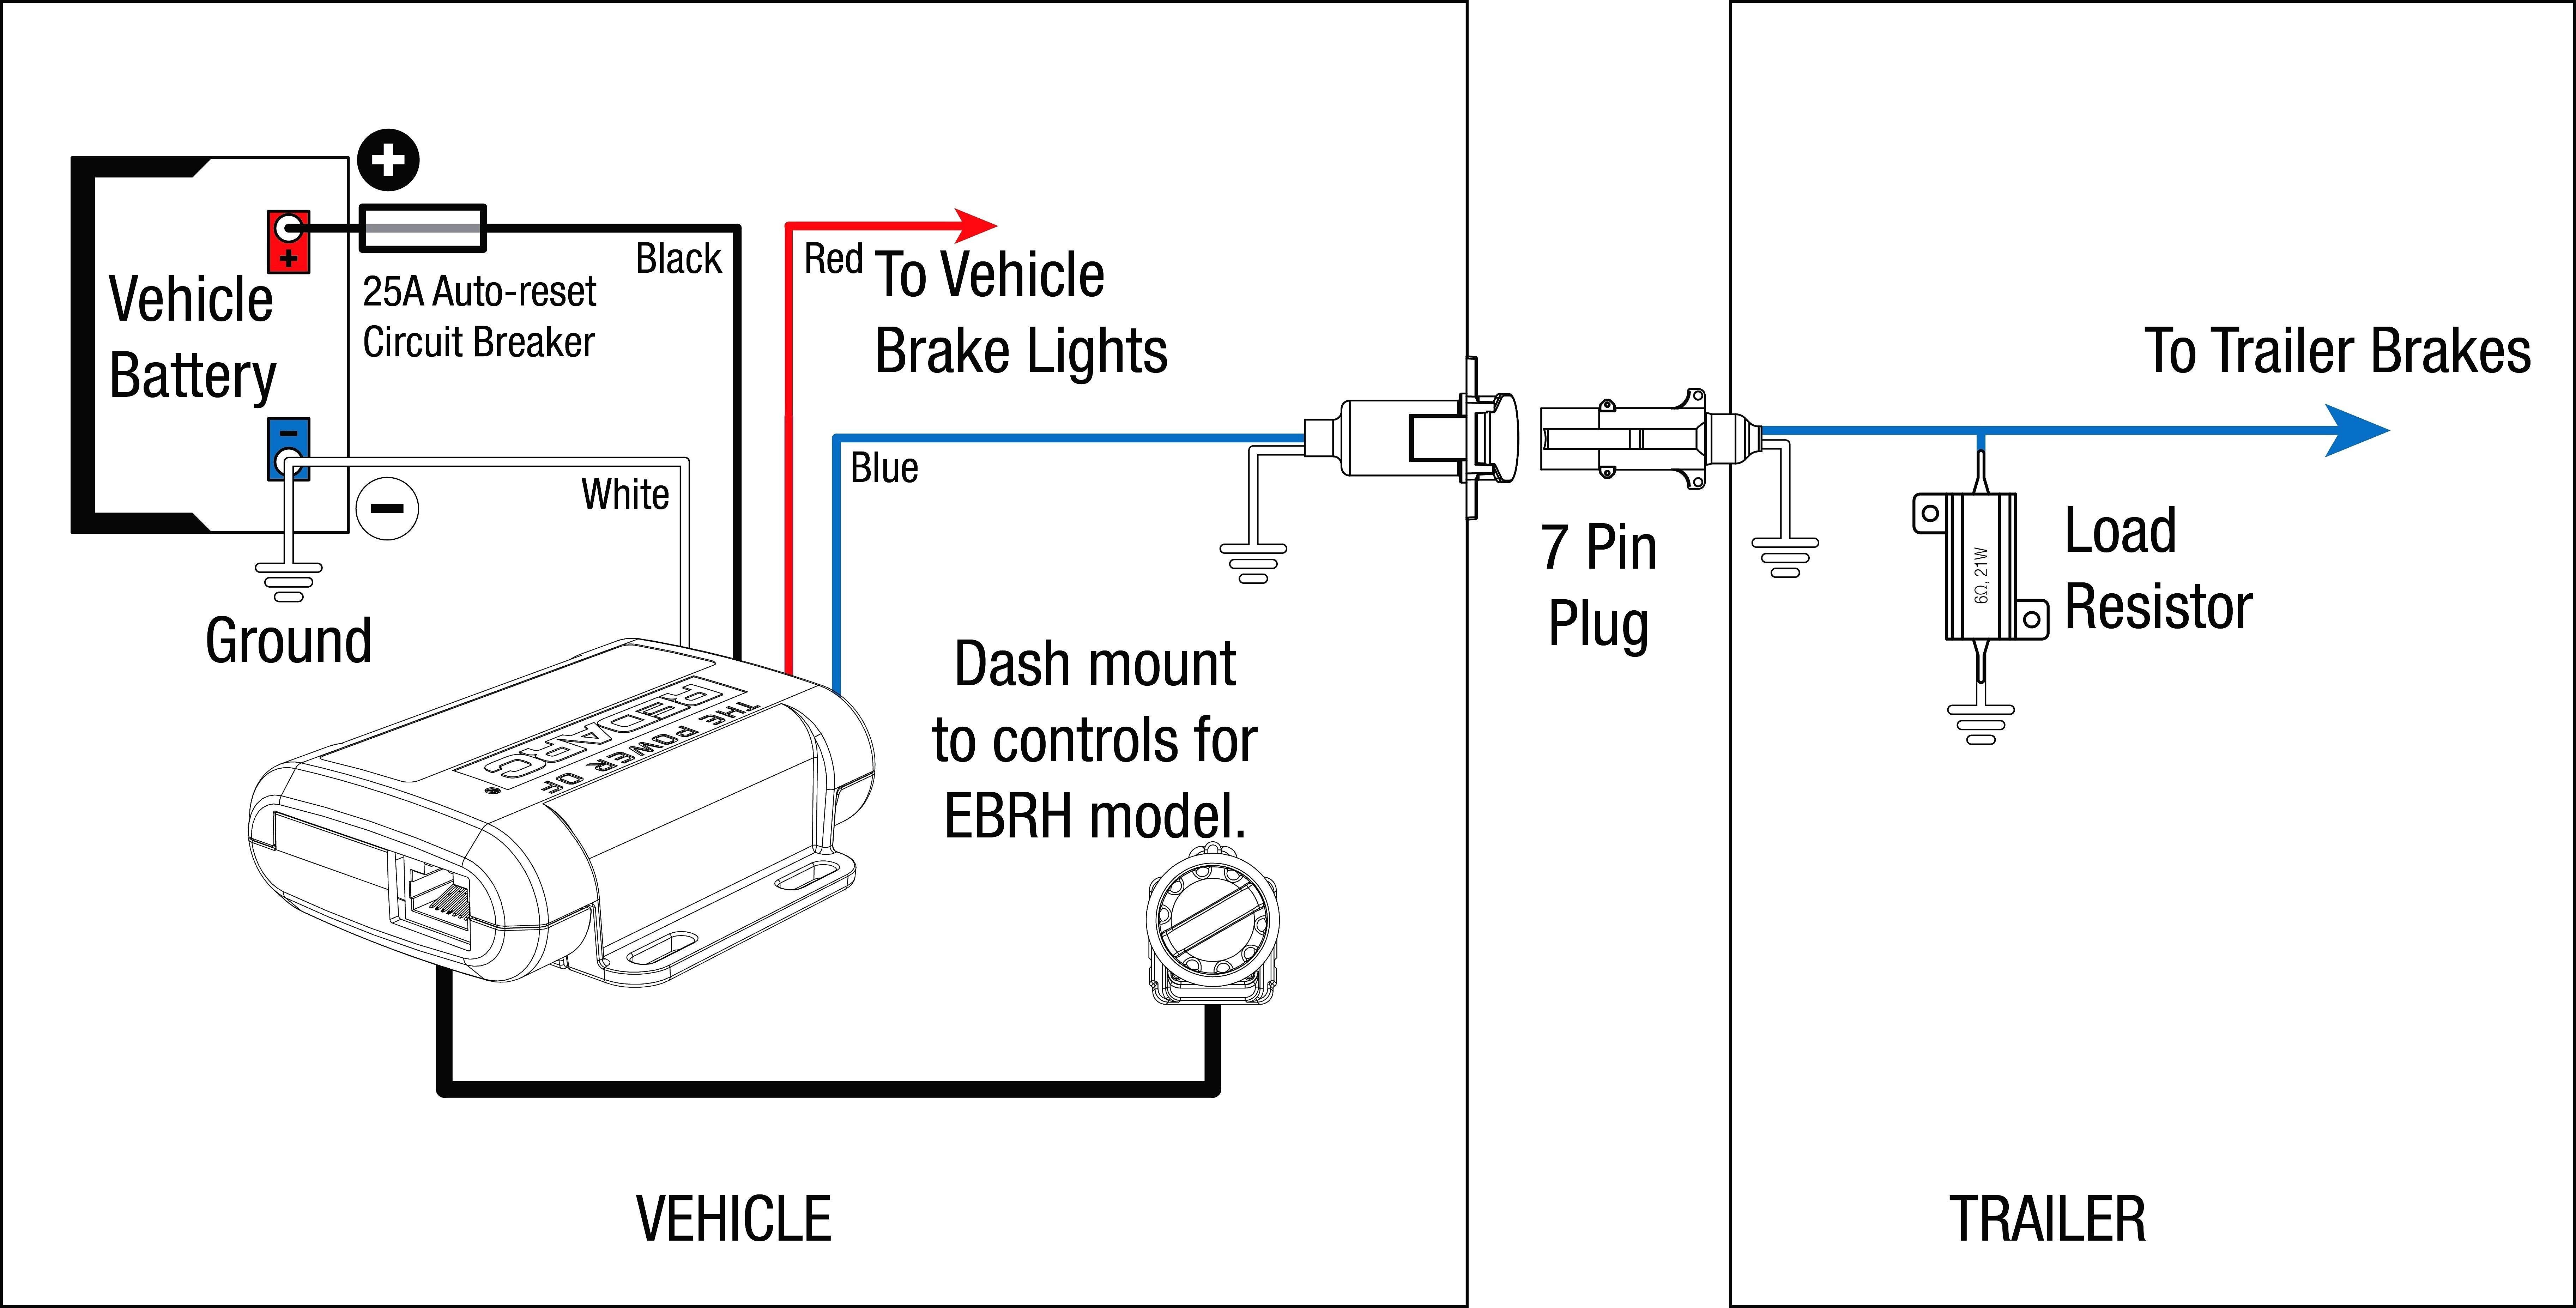 Trailer Brake Controller Wiring Diagram Inspirational in ...